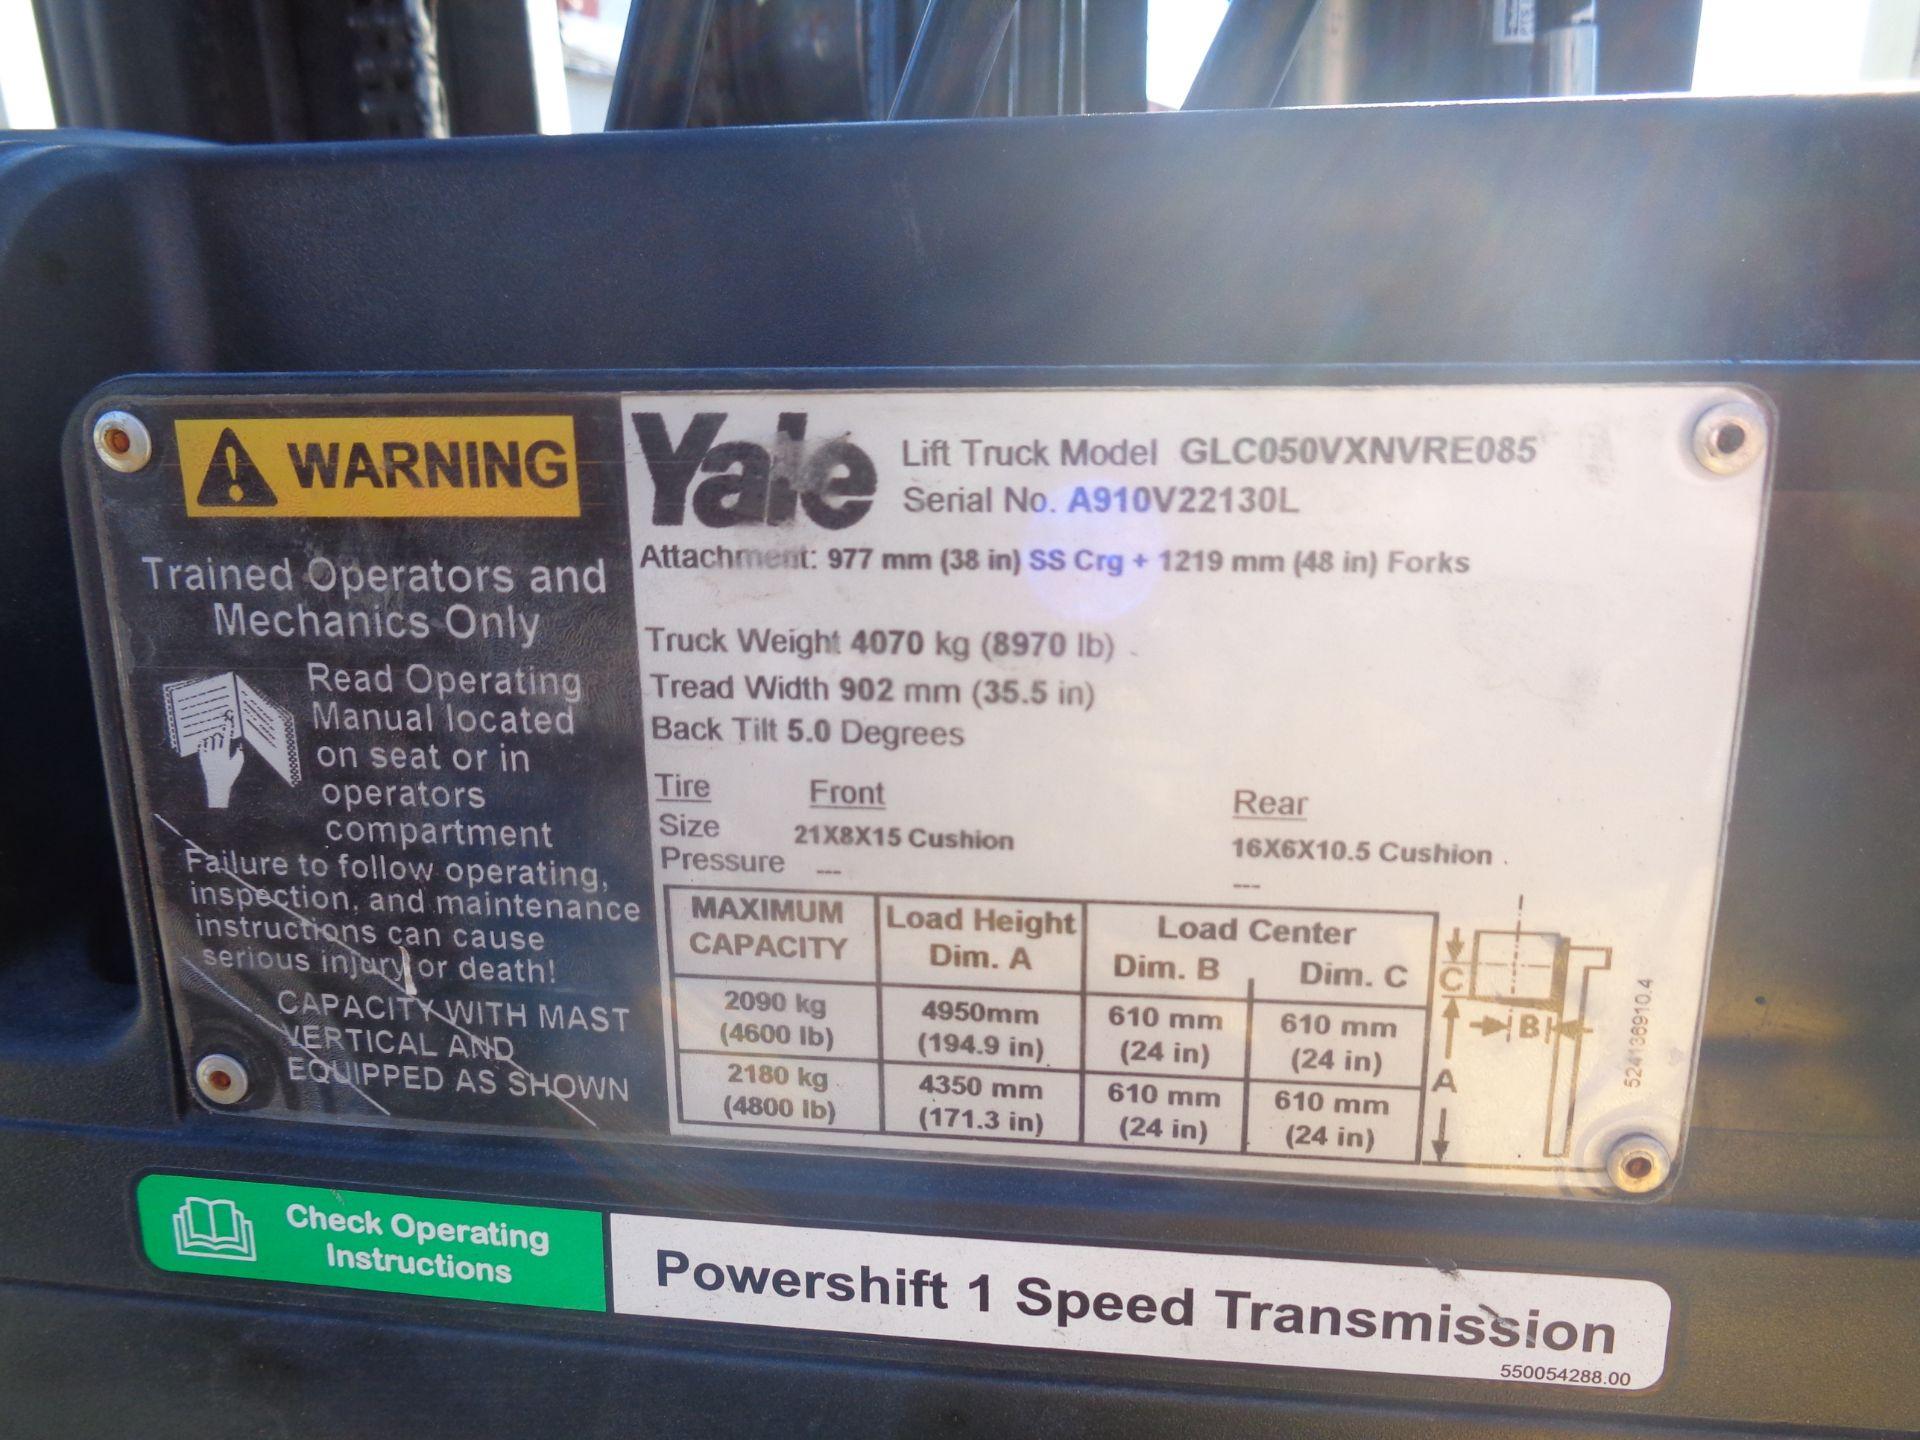 2014 Yale GLC050VXNVRE088 5,000 lb Forklift - Image 8 of 11